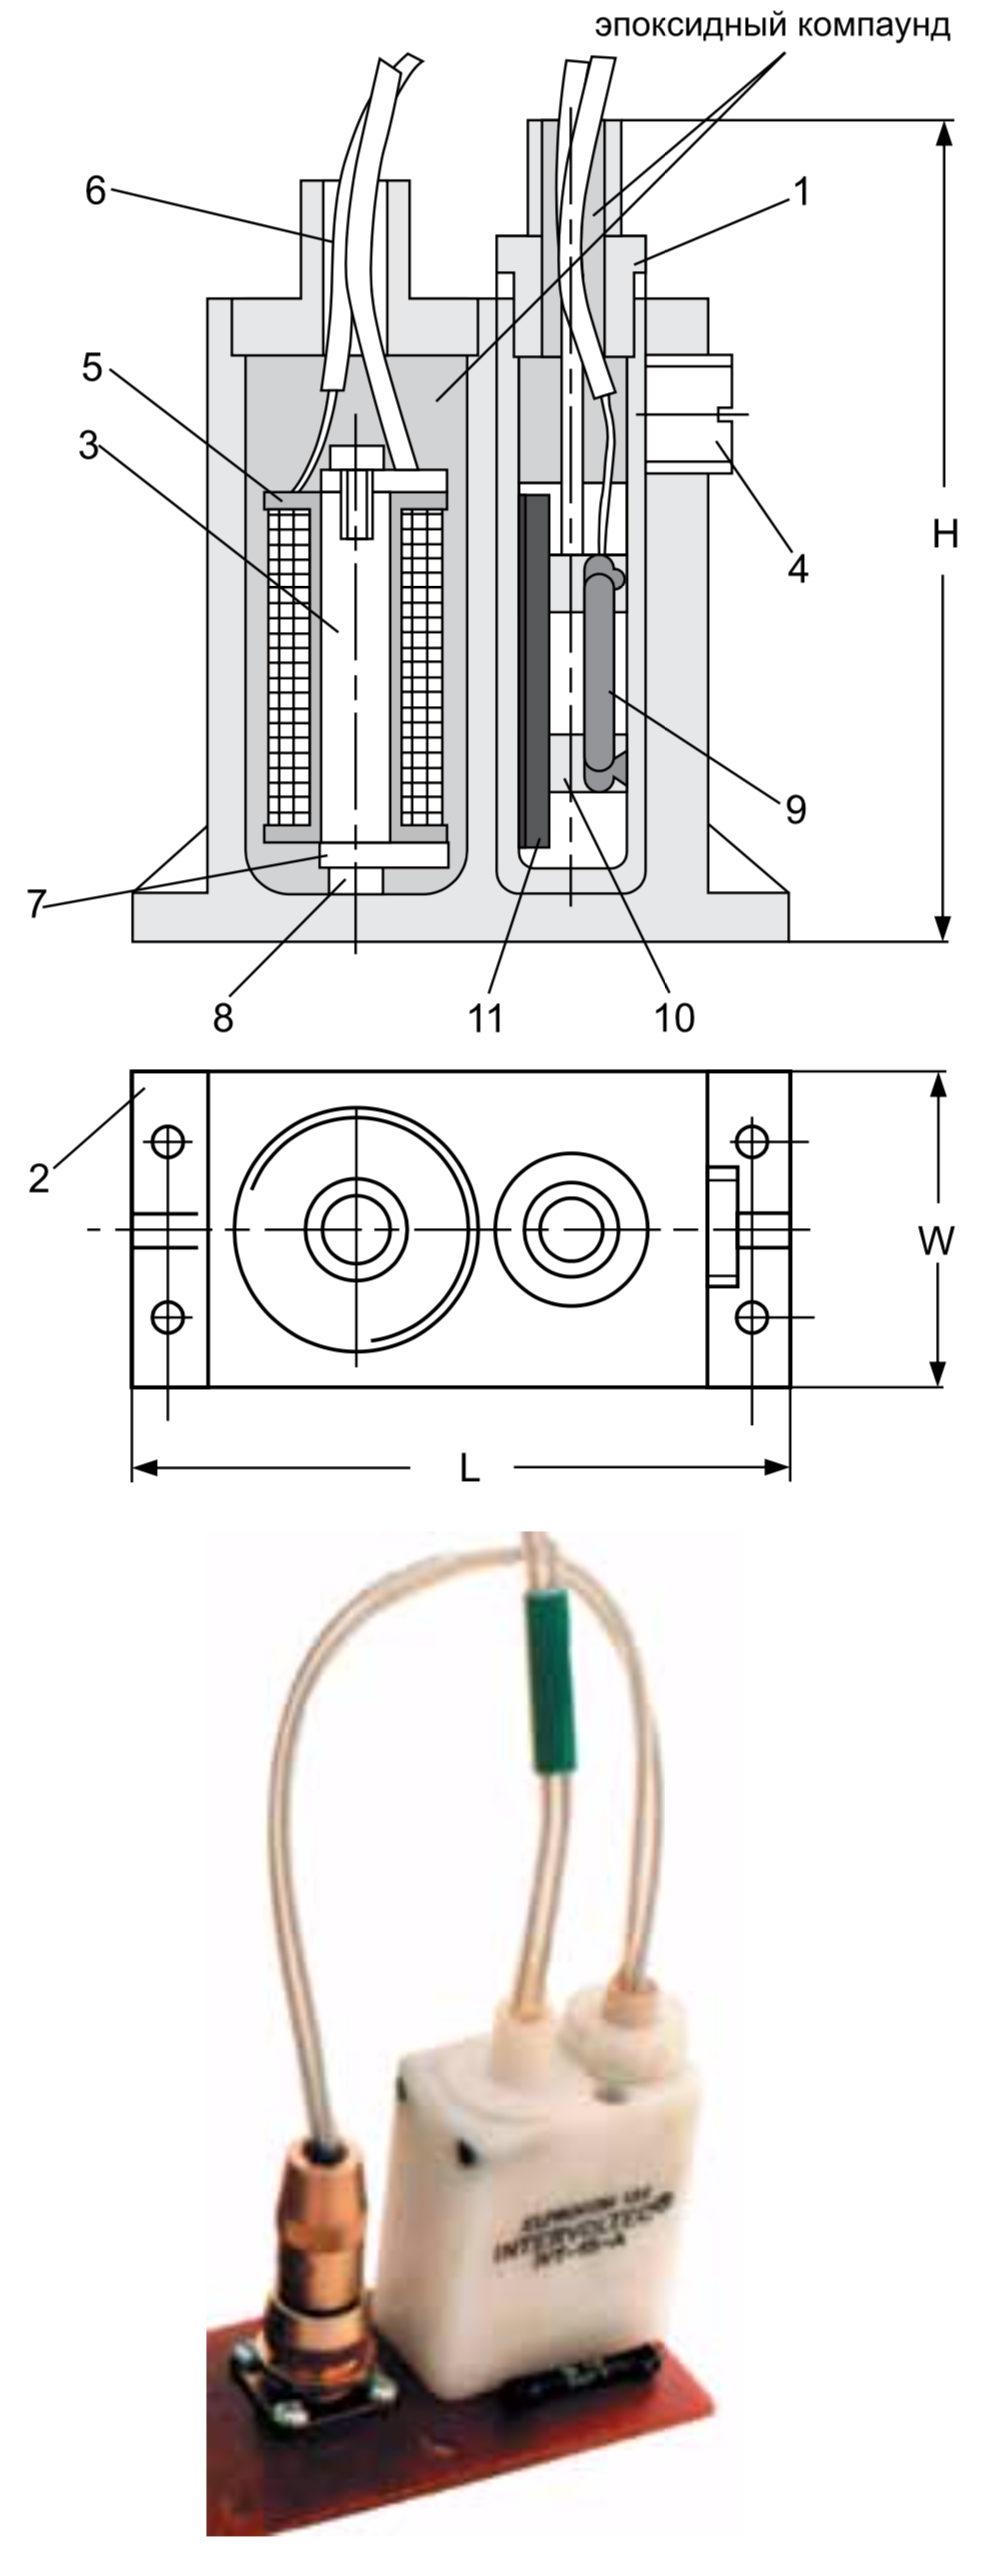 Конструкция компактного реле с регулируемым порогом срабатывания, выполненного по схеме с эксцентричным перемещением геркона